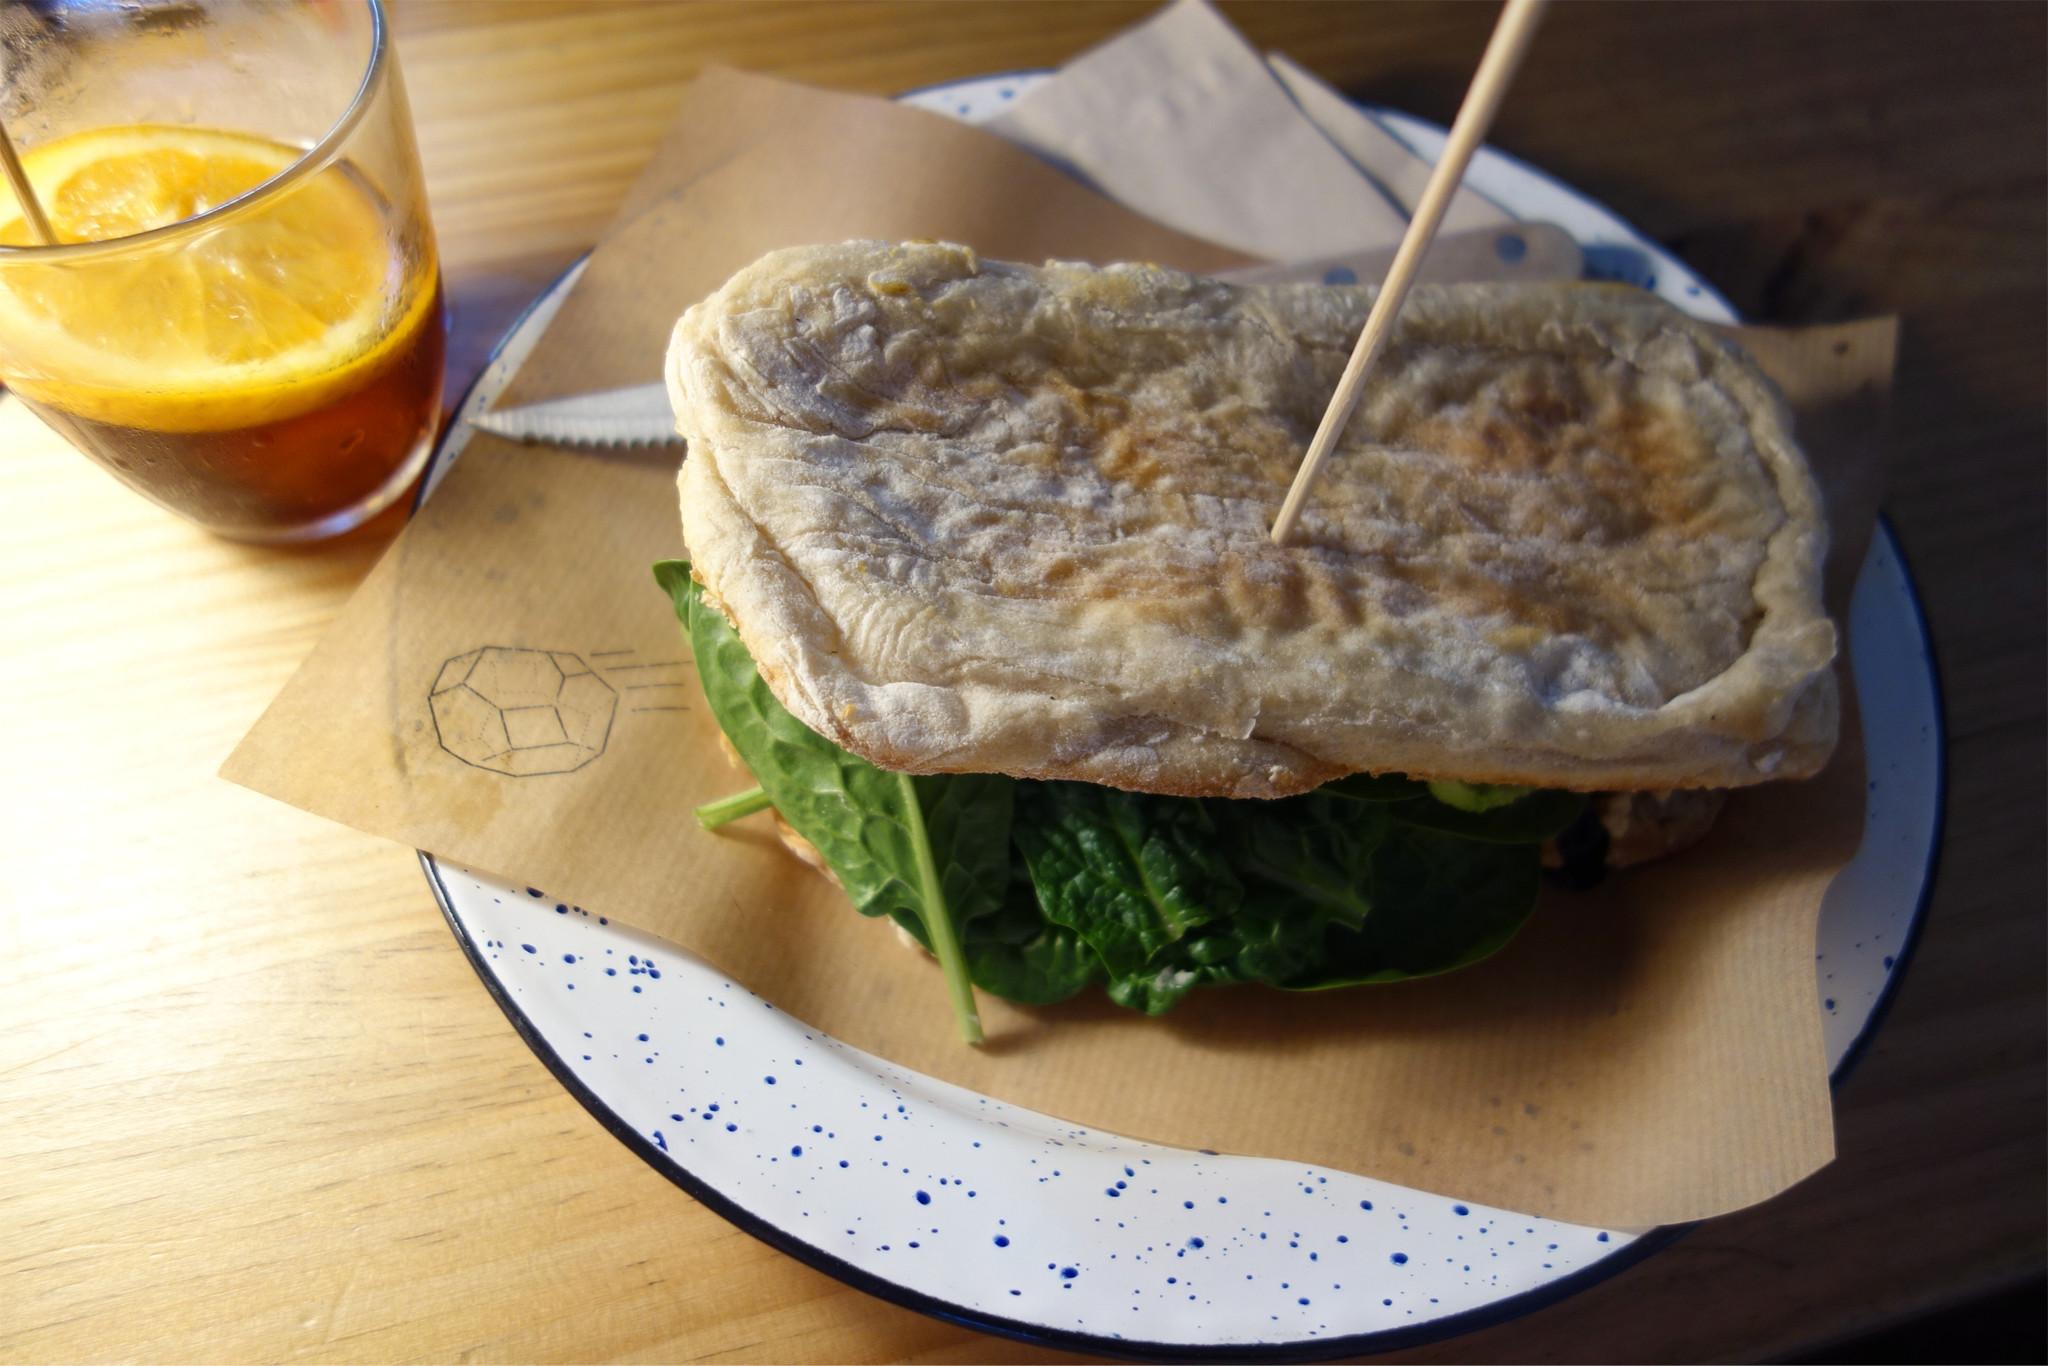 cometa-sandwich